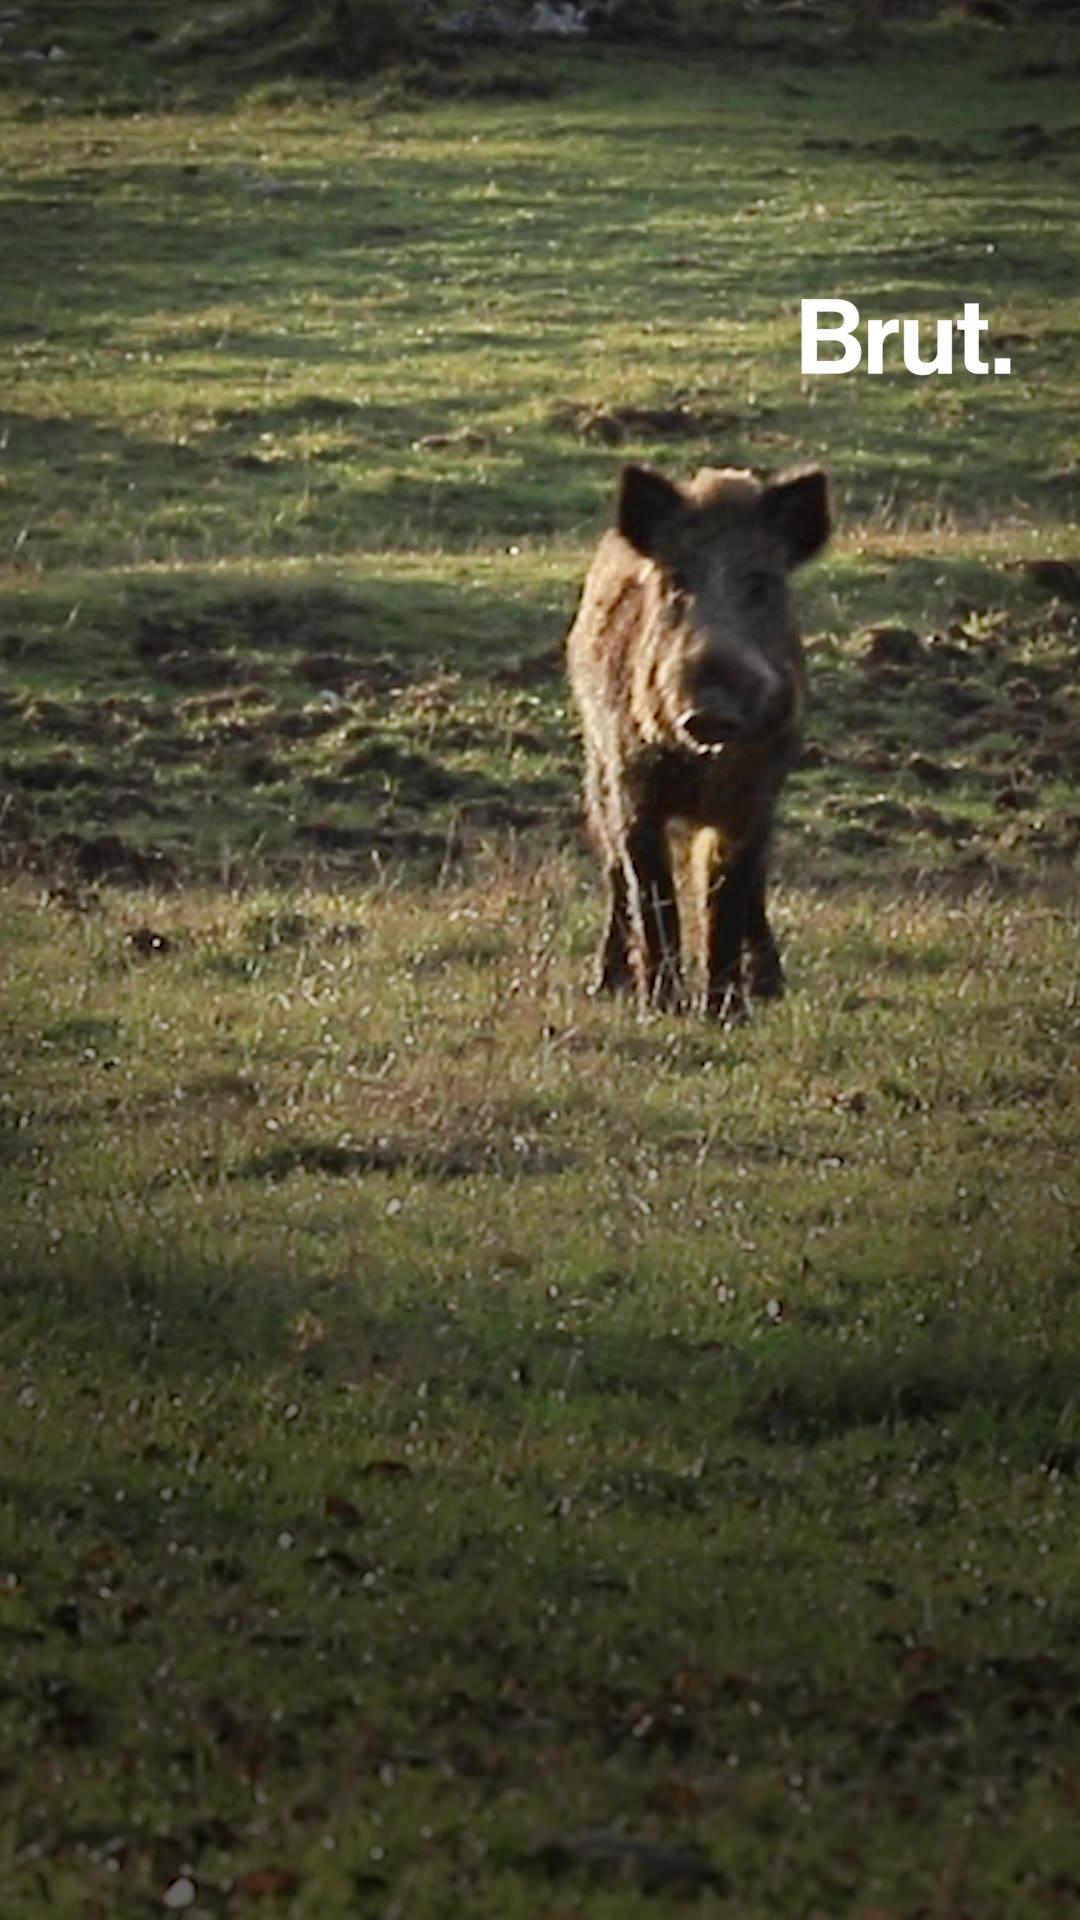 Sangliers : la reprise de la chasse relance le débat entre chasseurs, défenseurs des animaux et agriculteurs | Brut.